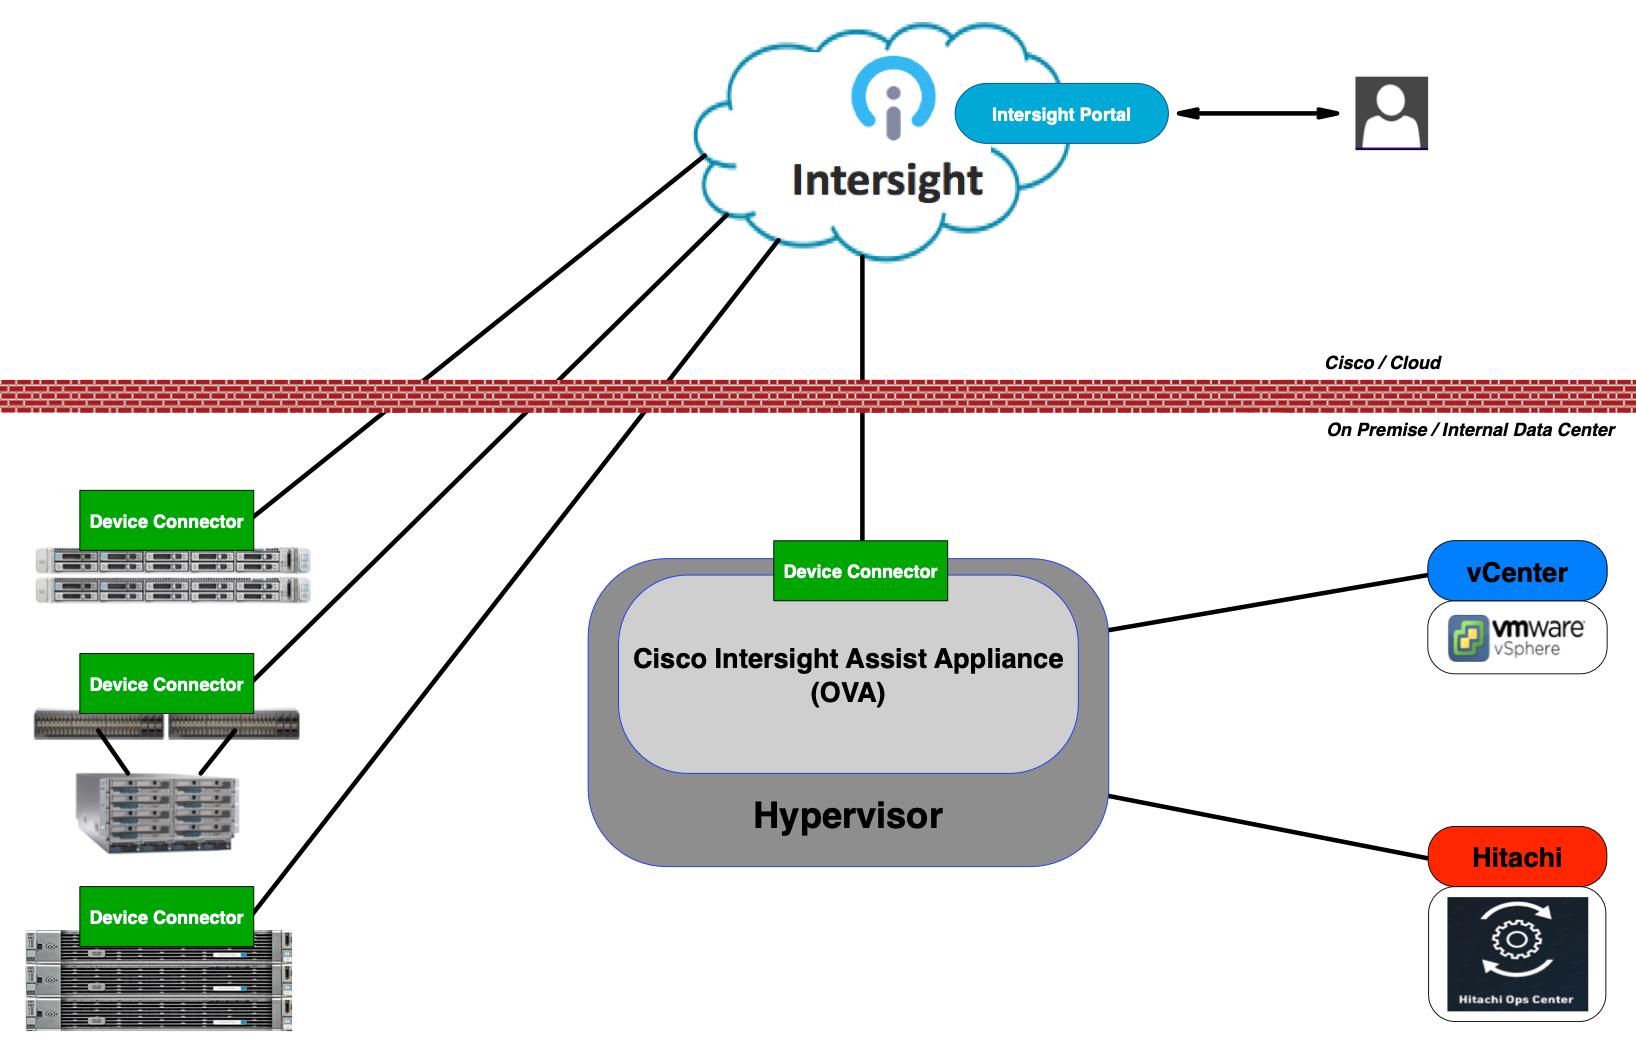 Intersight architecture